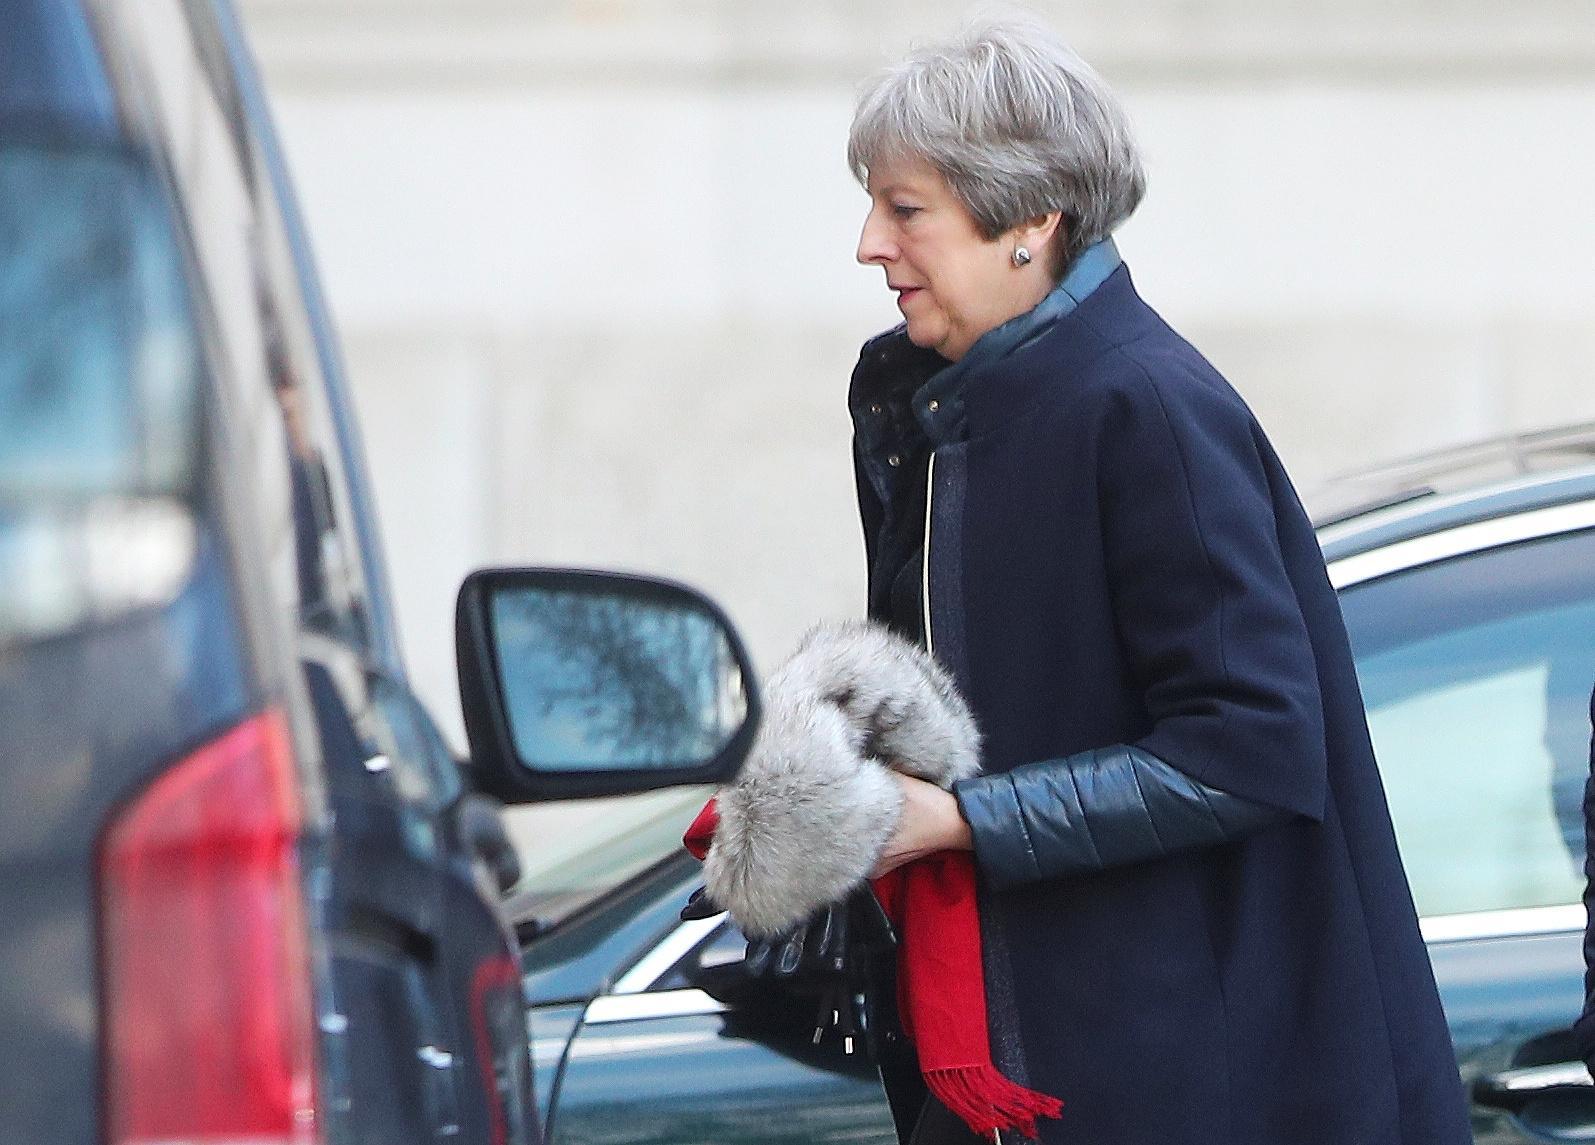 Ο πρωθυπουργός του Ηνωμένου Βασιλείου May λέει υπερήφανος για το βρετανικό σύστημα υγείας, απαντώντας στην κριτική του Trump